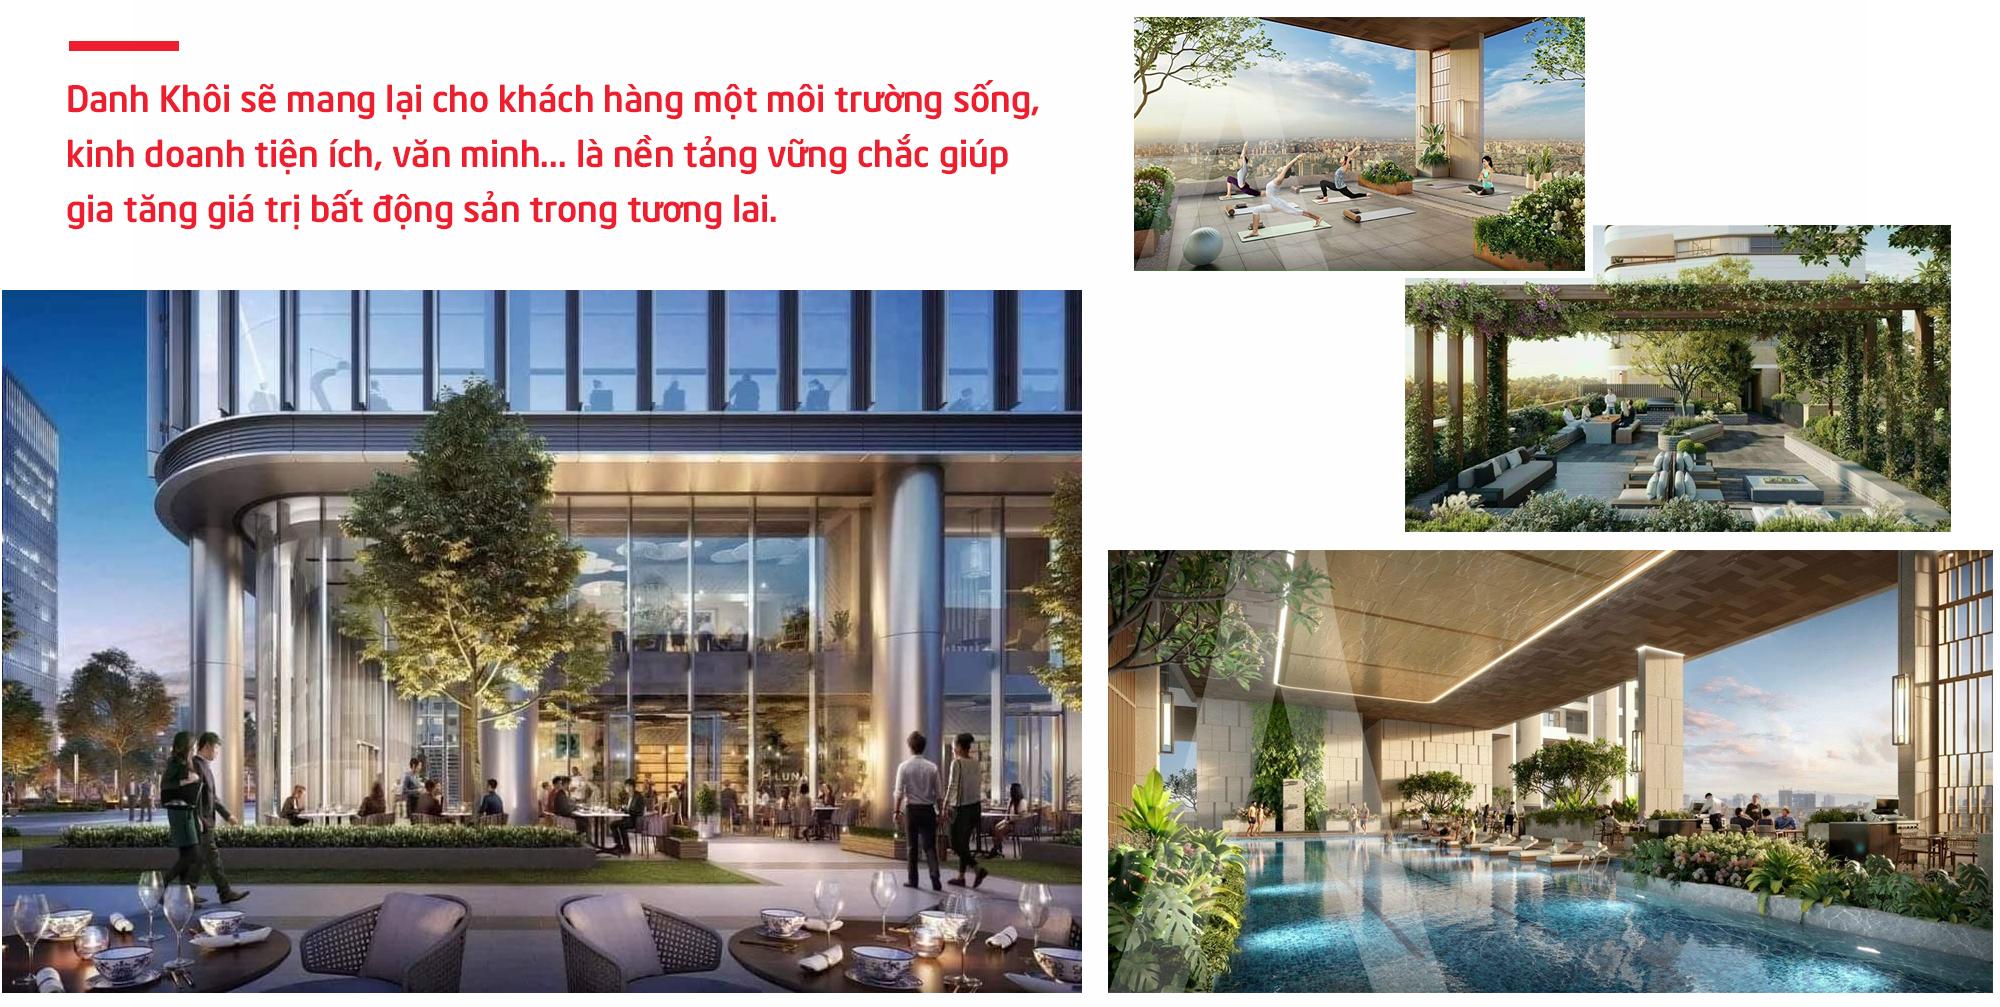 Tập đoàn Danh Khôi hướng đến vị thế nhà phát triển bất động sản hàng đầu thị trường - Ảnh 10.